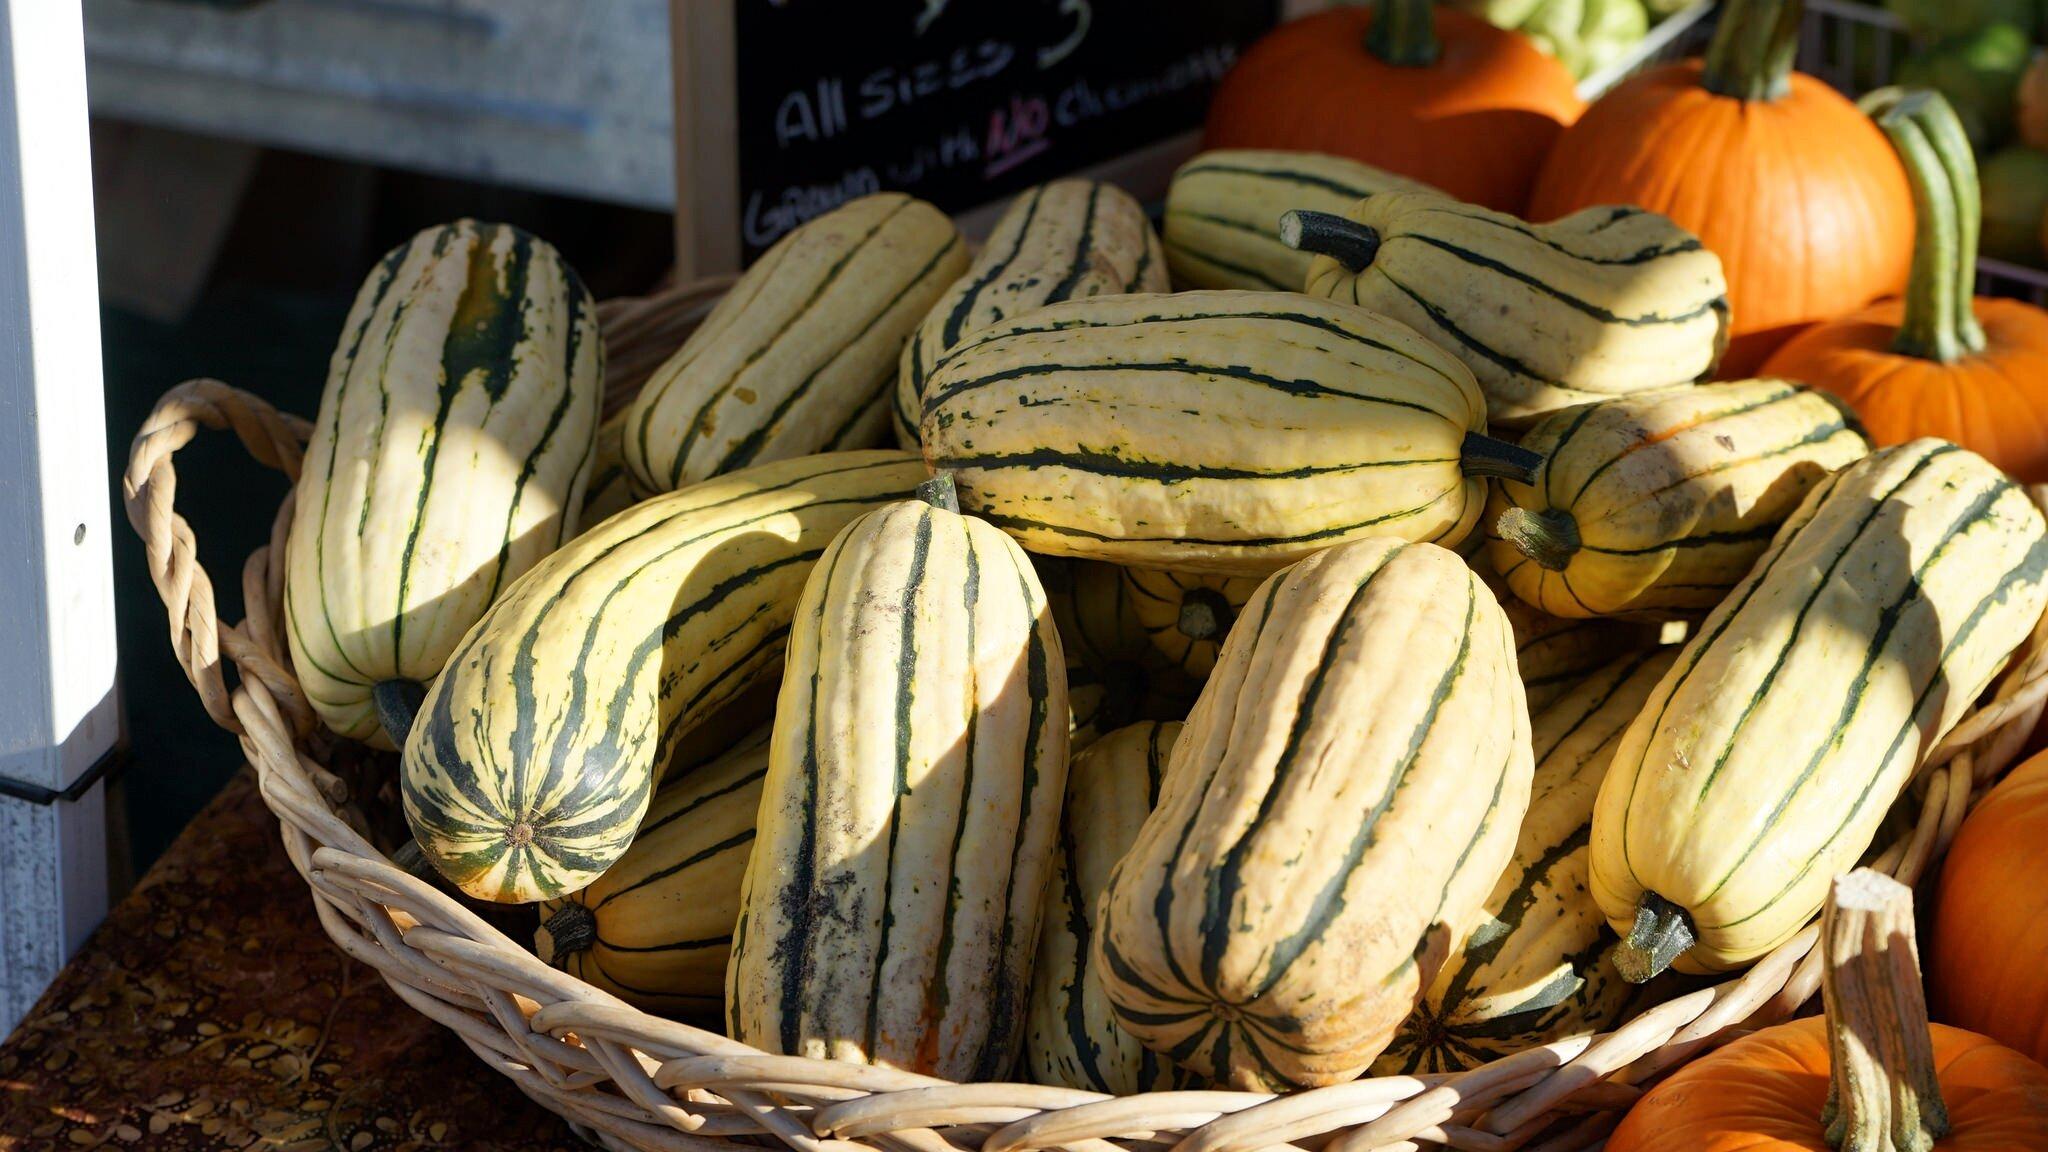 delicata squash and pumpkins.jpg